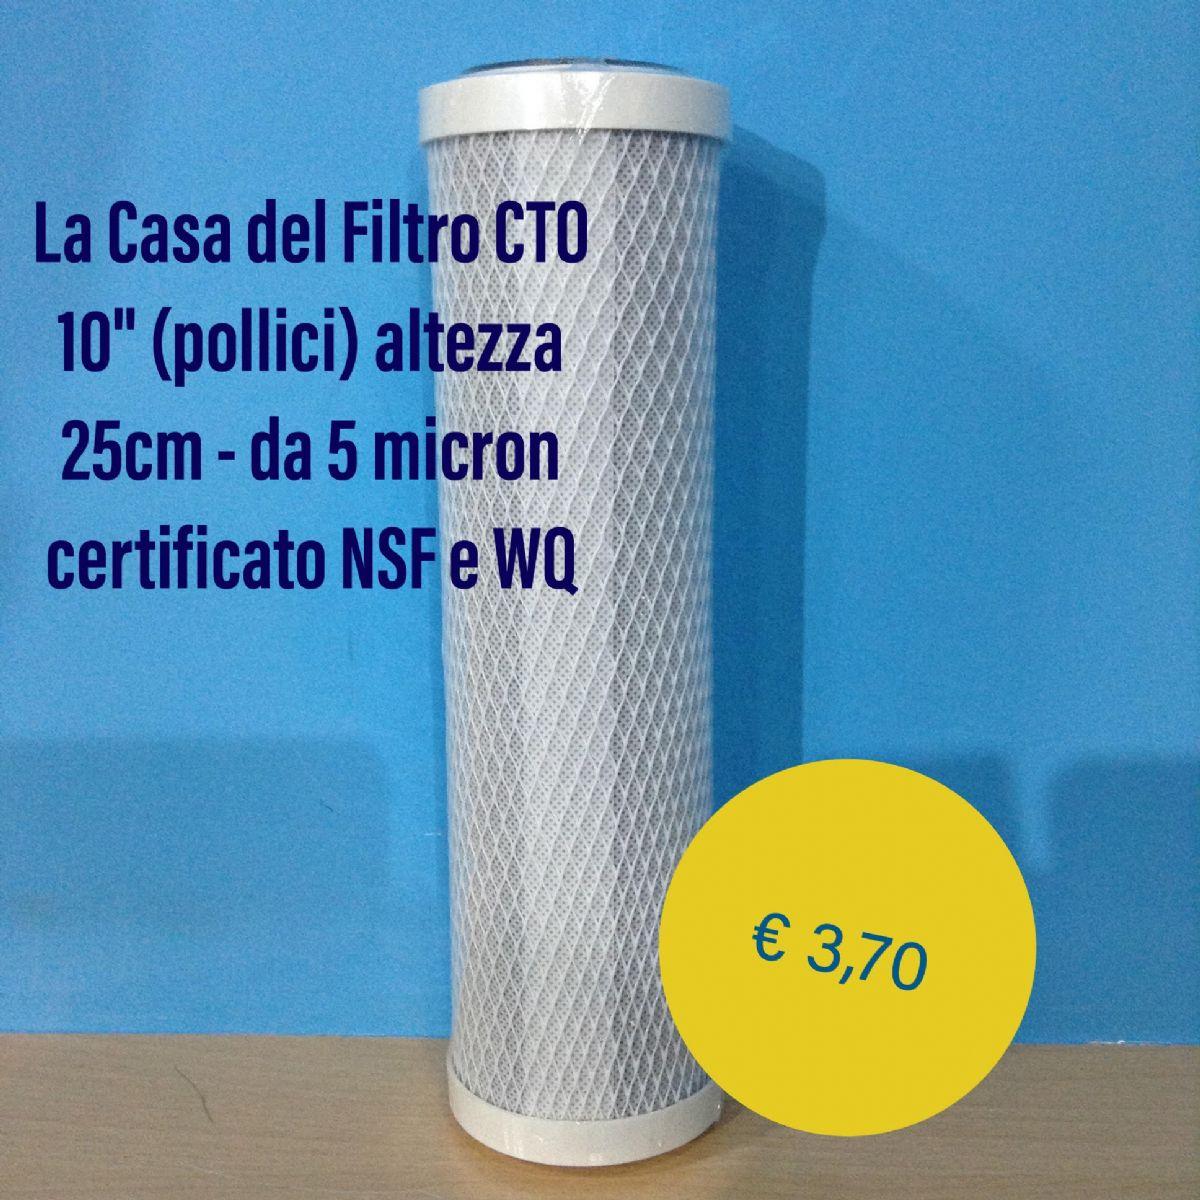 Filtro filtri acqua carbone attivo per depuratore acqua ad osmosi inversa 5 micron 10 pollici - Depuratore acqua casa prezzo ...